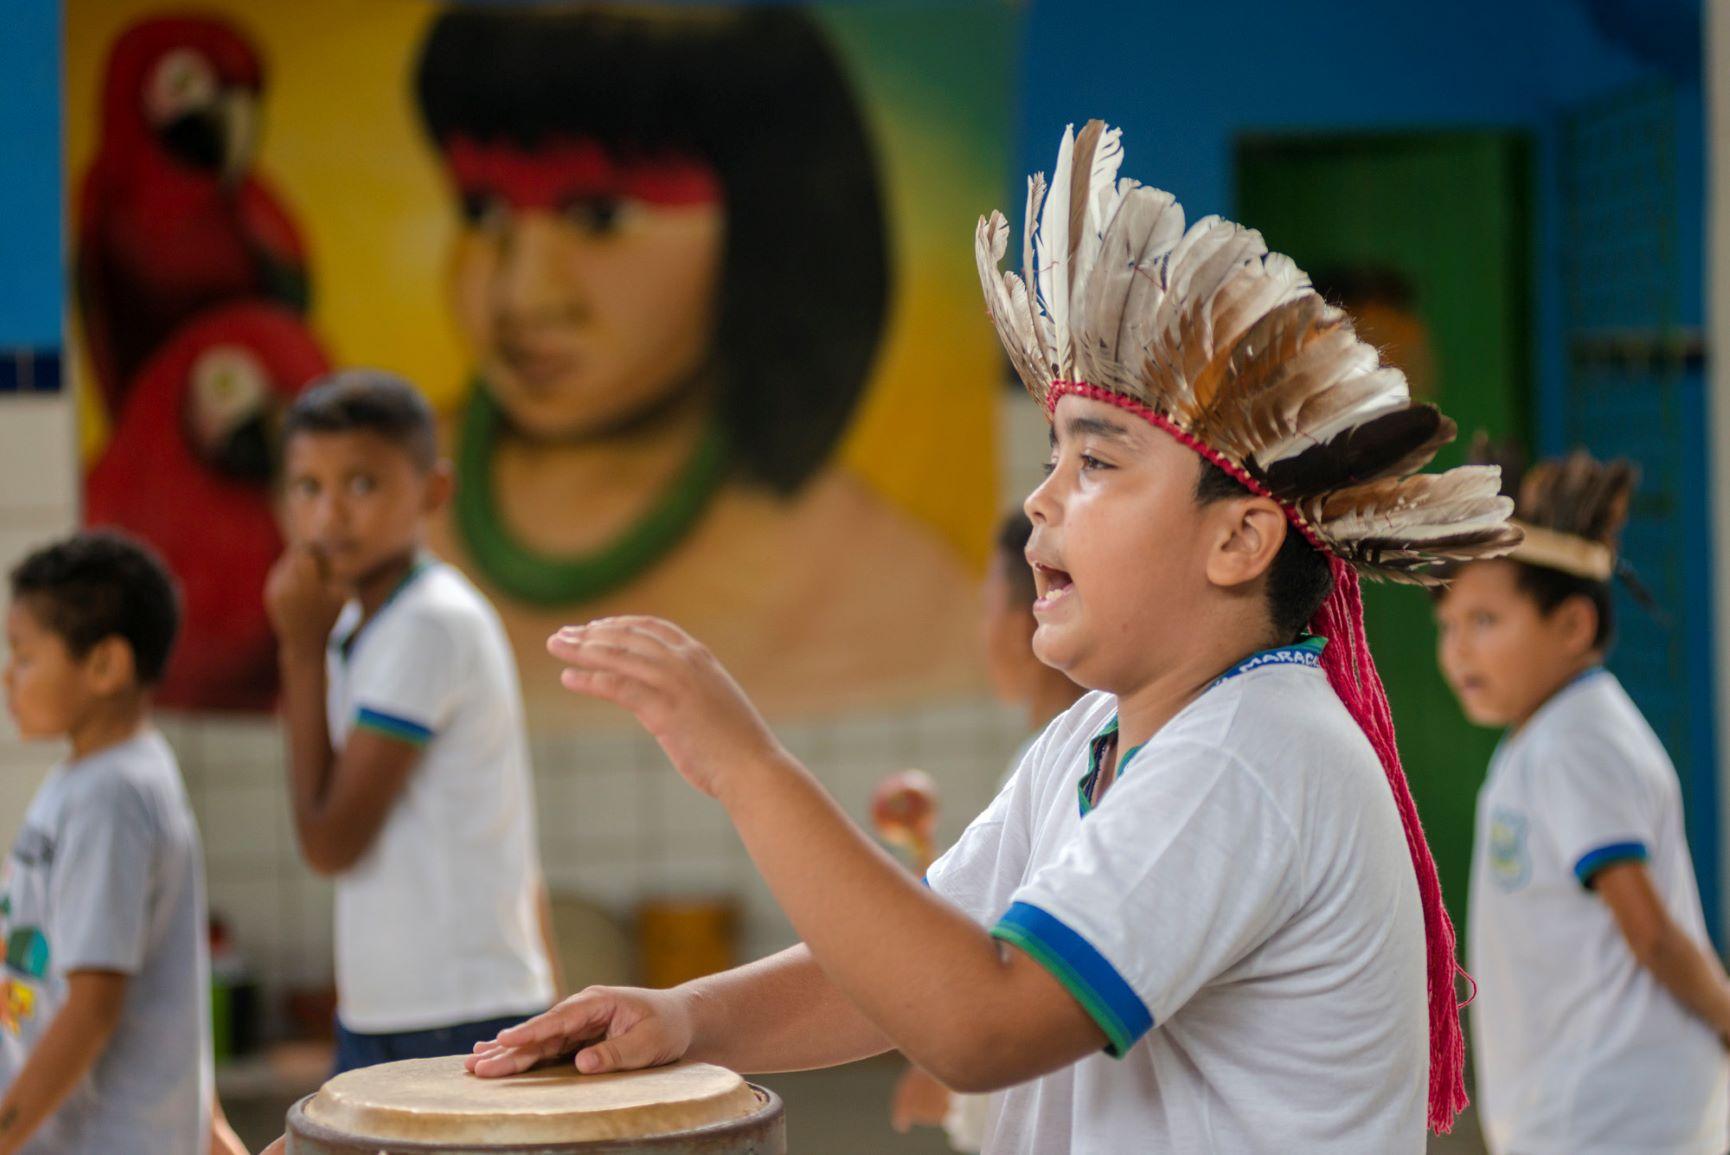 Crianças na escola do Povo Pitaguary, em Maracanaú, na Região Metropolitana de Fortaleza: Ceará tem 57 escolas indígenas, entre estaduais e municipais, mas professores indígenas ainda lutam por concurso público (Foto: Davi Pinheiro/Governo do Ceará)